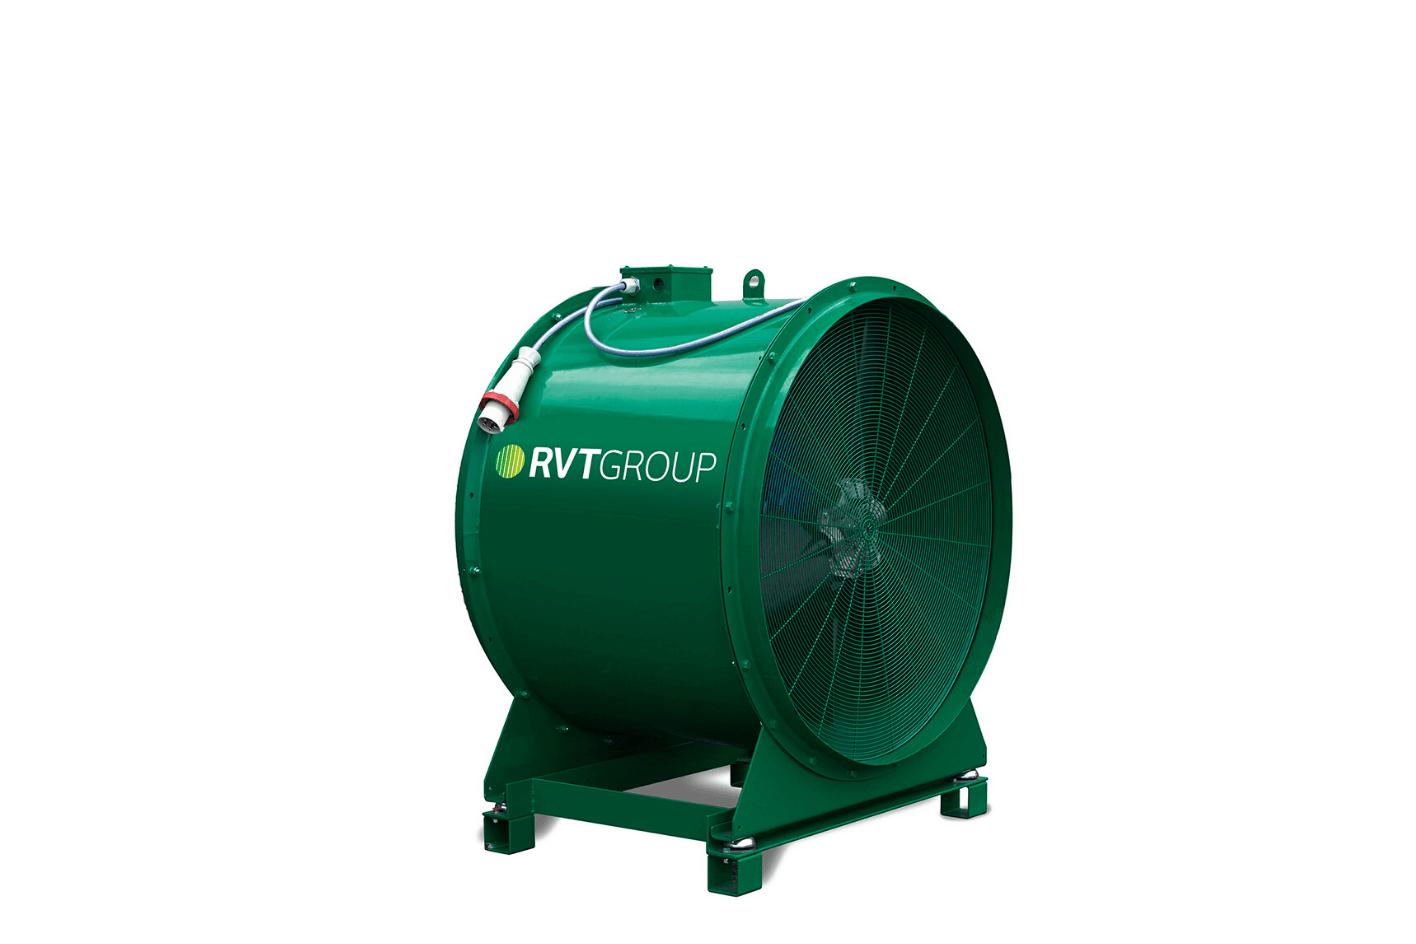 Ventex Axial Fan 1250 S_Ventilation Equipment